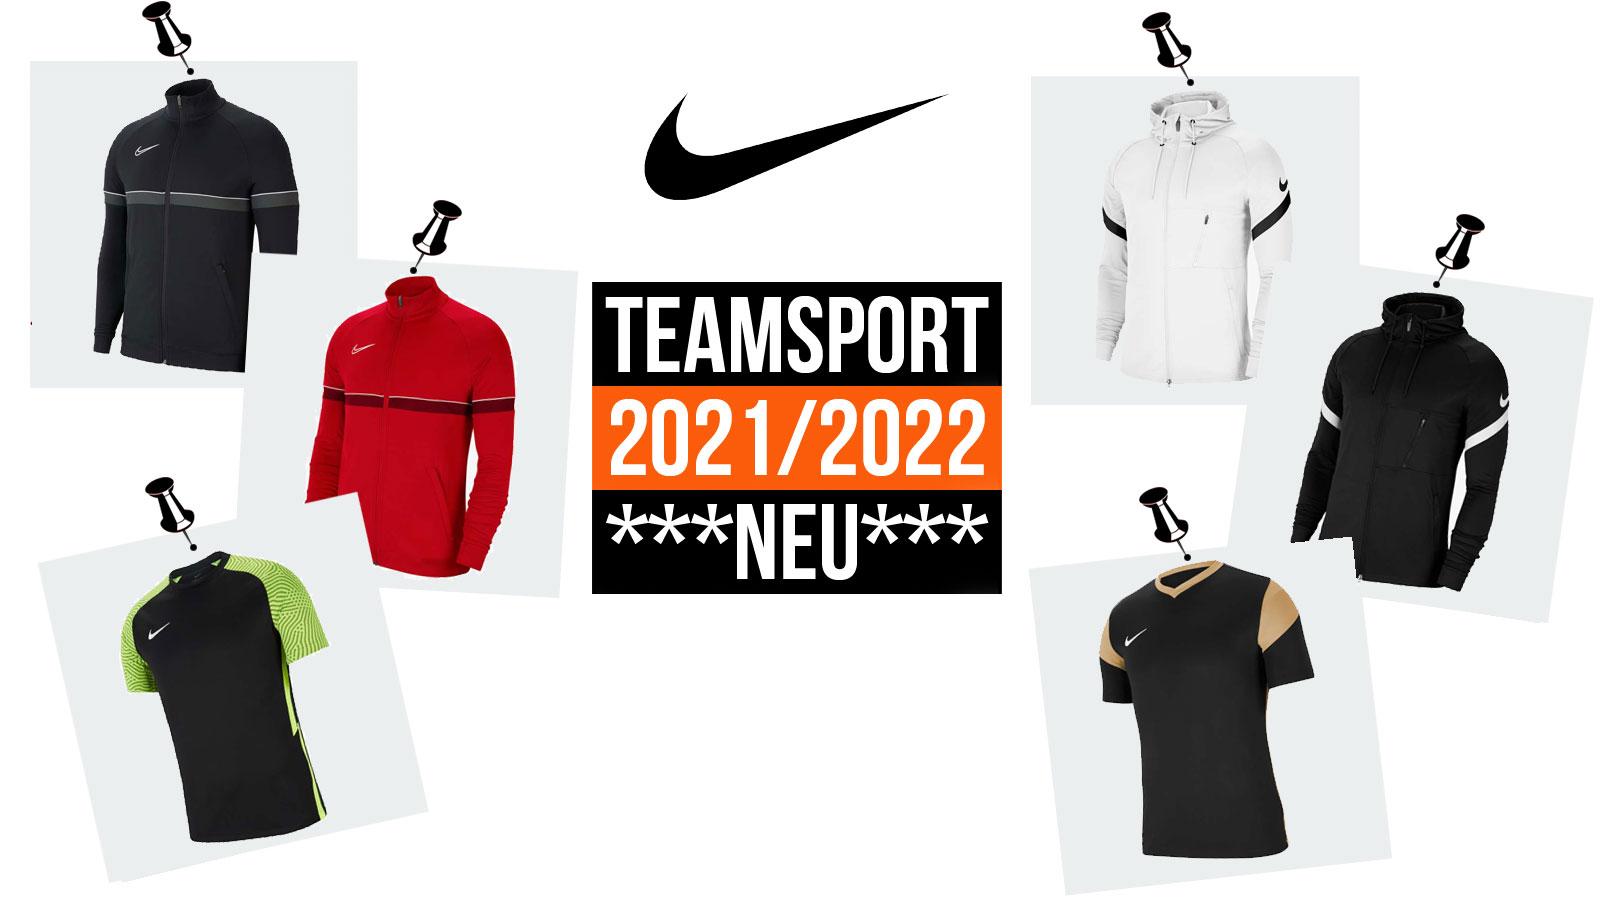 Nike Teamsport 2021/2022 mit Strike 21 und Academy 21